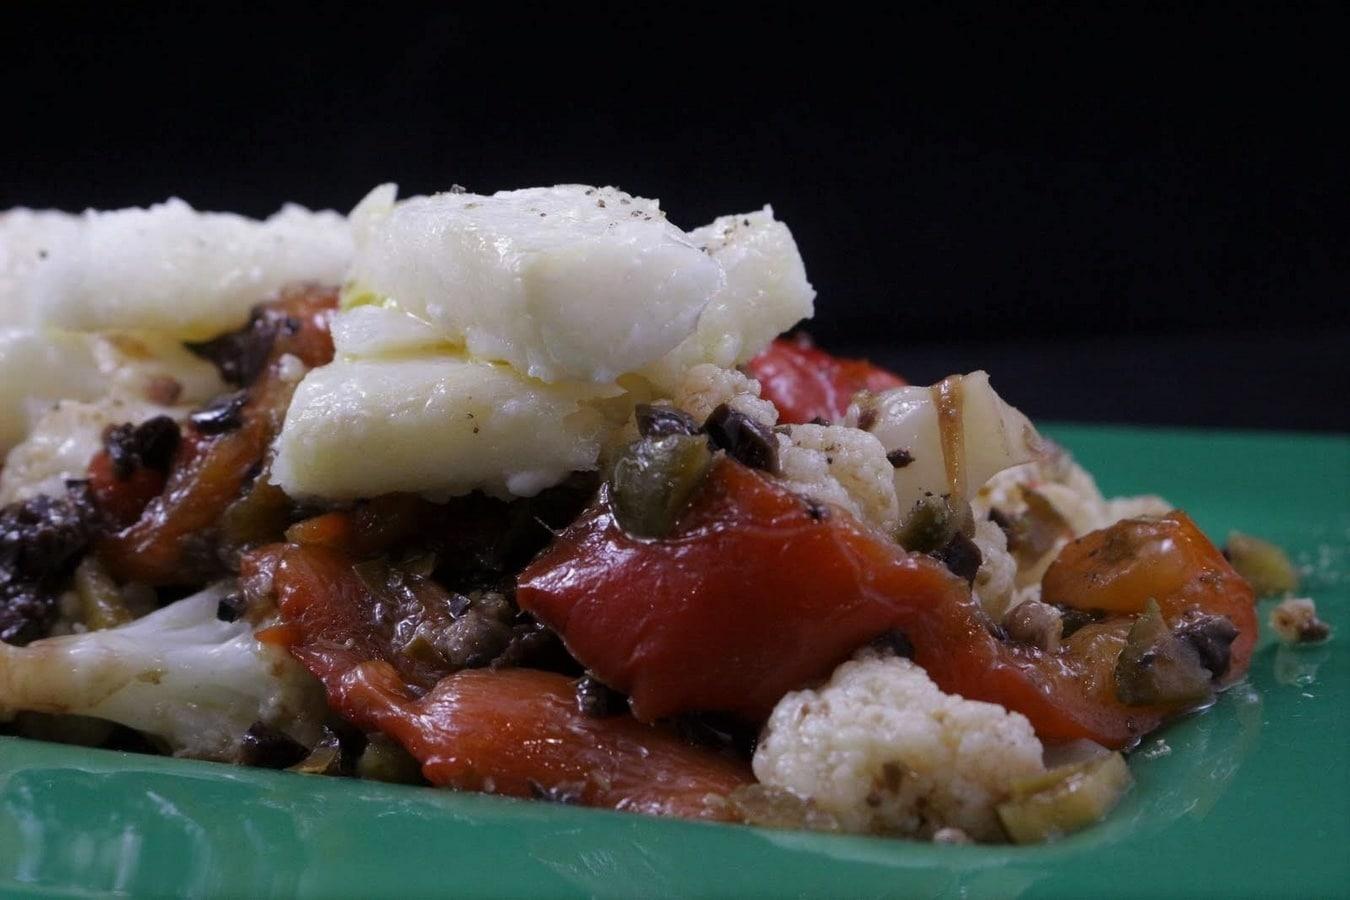 corso di cucina senza glutine a torino scuola di cucina a torino la palestra del cibo cucina senza glutine glute free